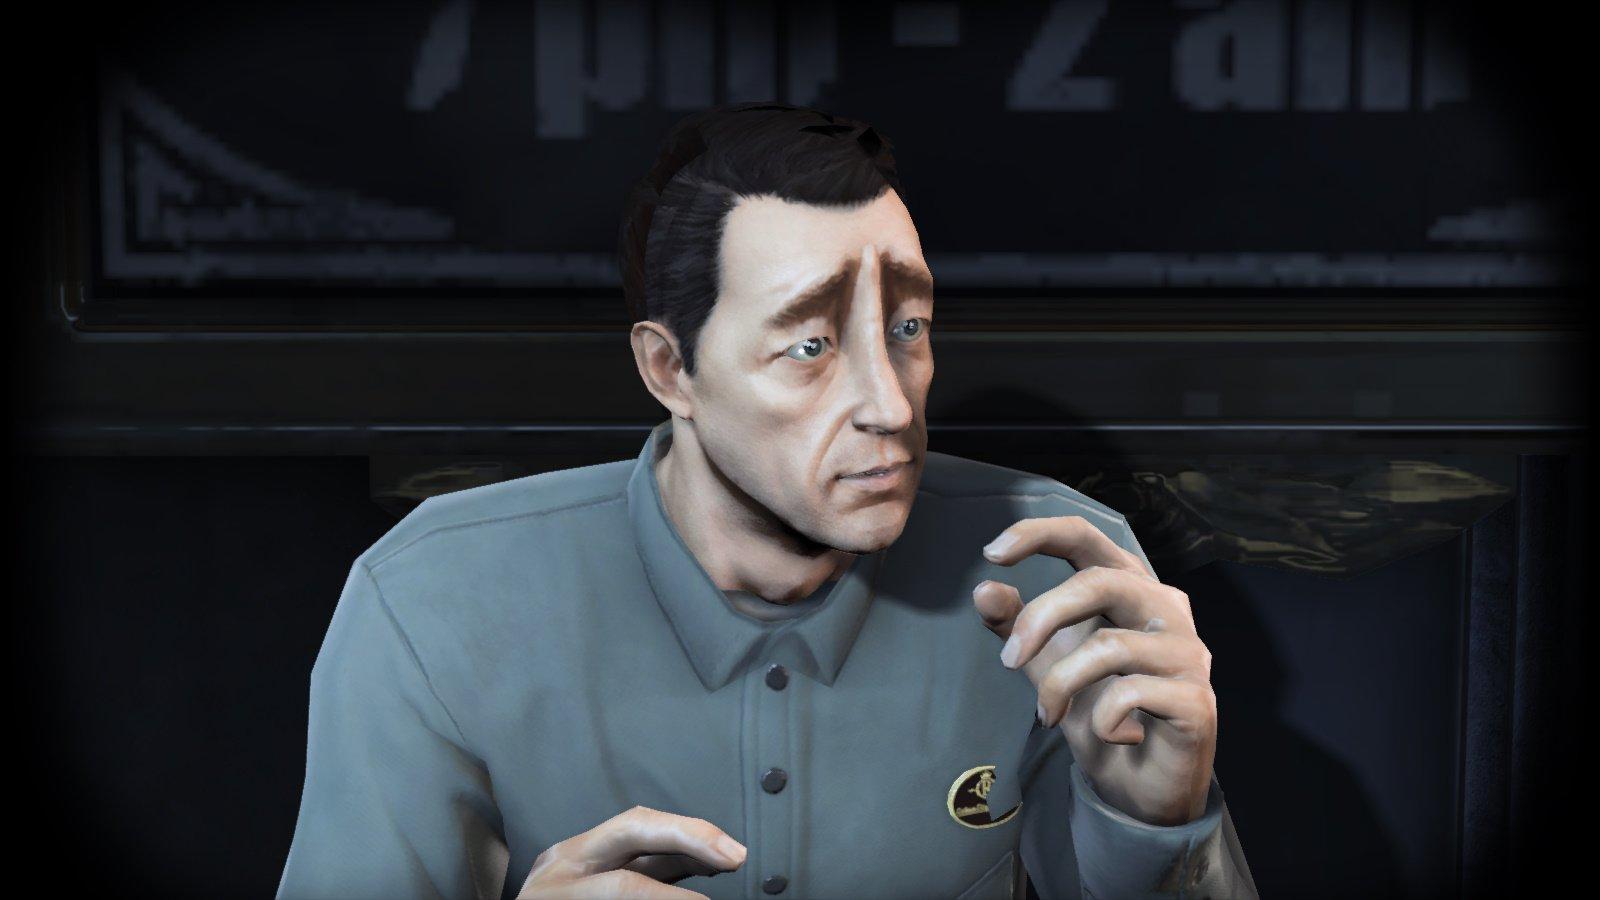 Это лицо как ни что другое показывает весь его ужас и страх (Batman Arkham Origins) - Изображение 1